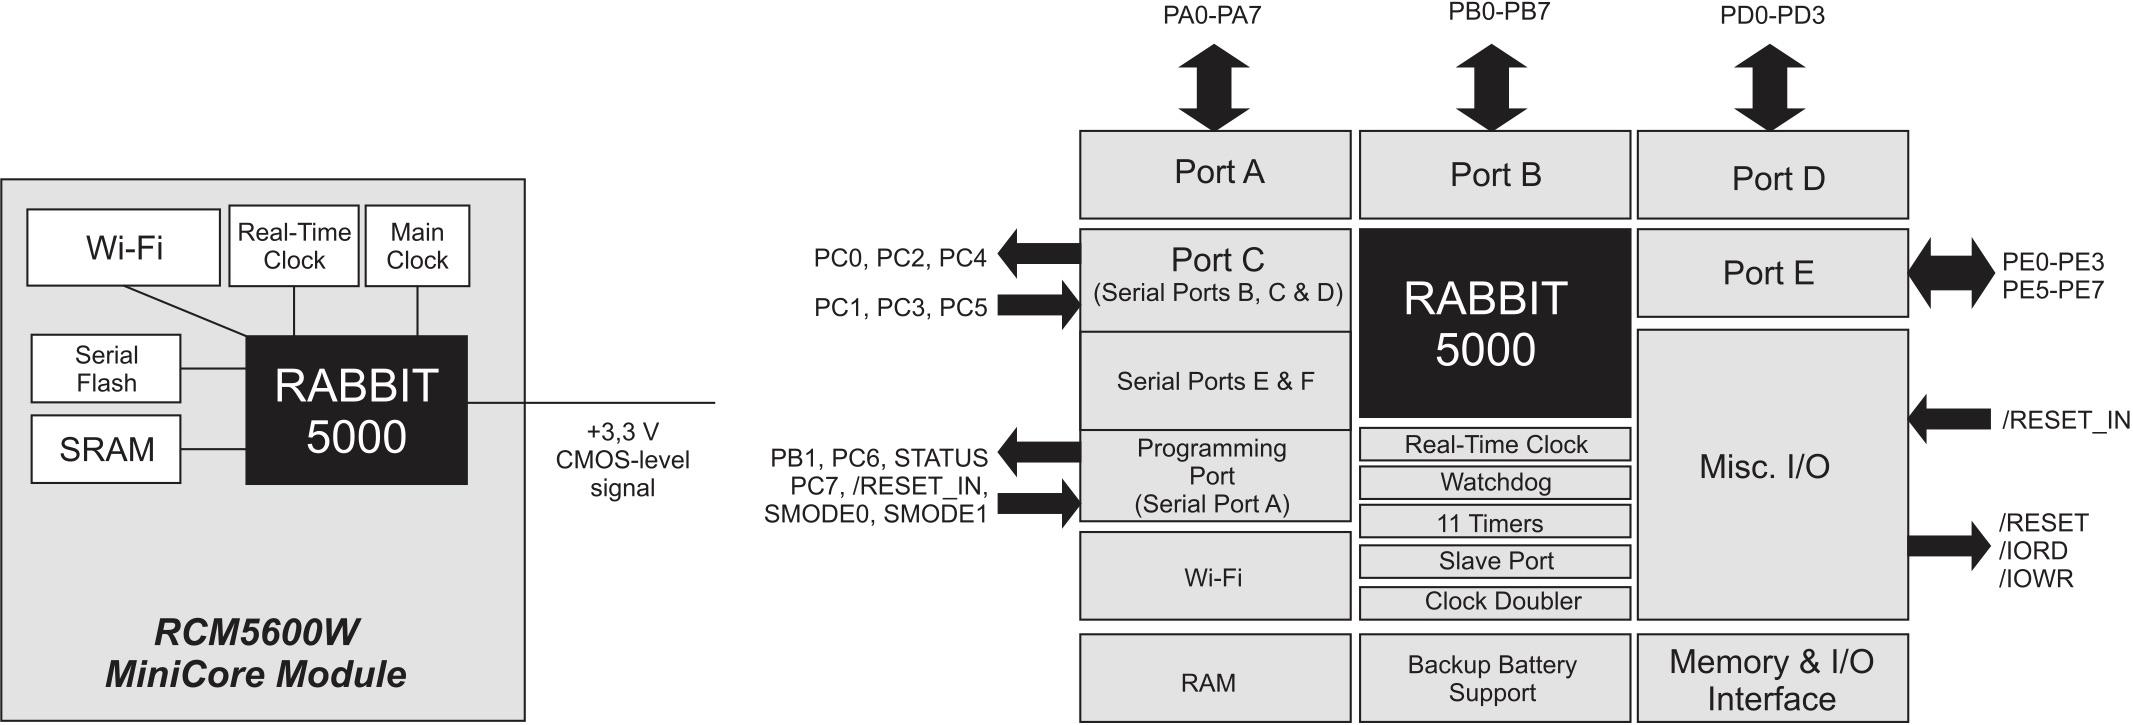 Структурная схема модулей RCM5600W MiniCore и доступные порты ввода/вывода